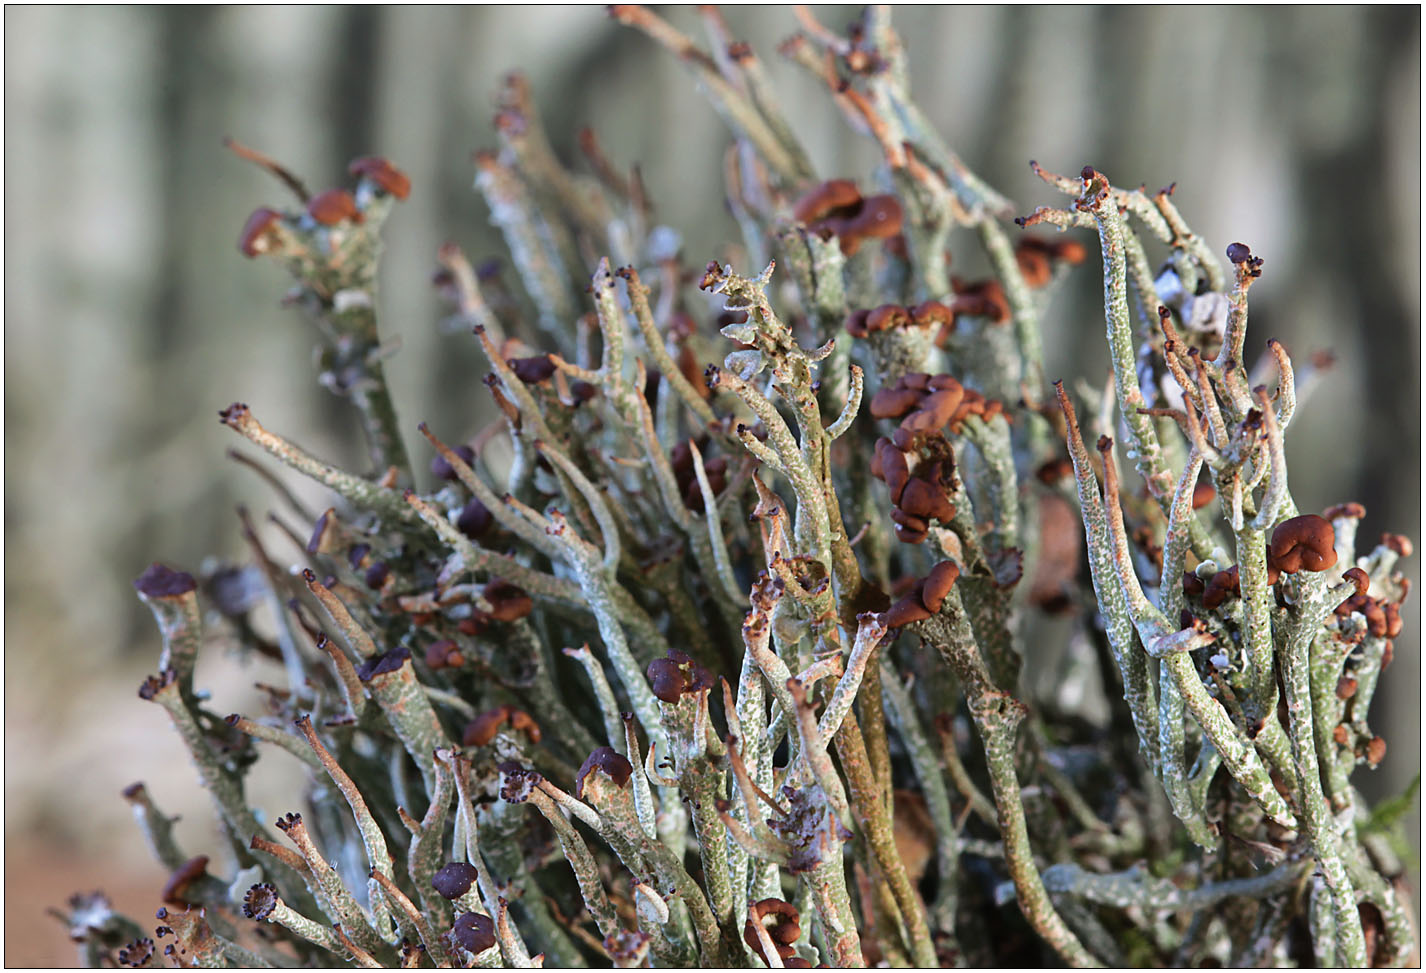 Cladonia gracilis ...